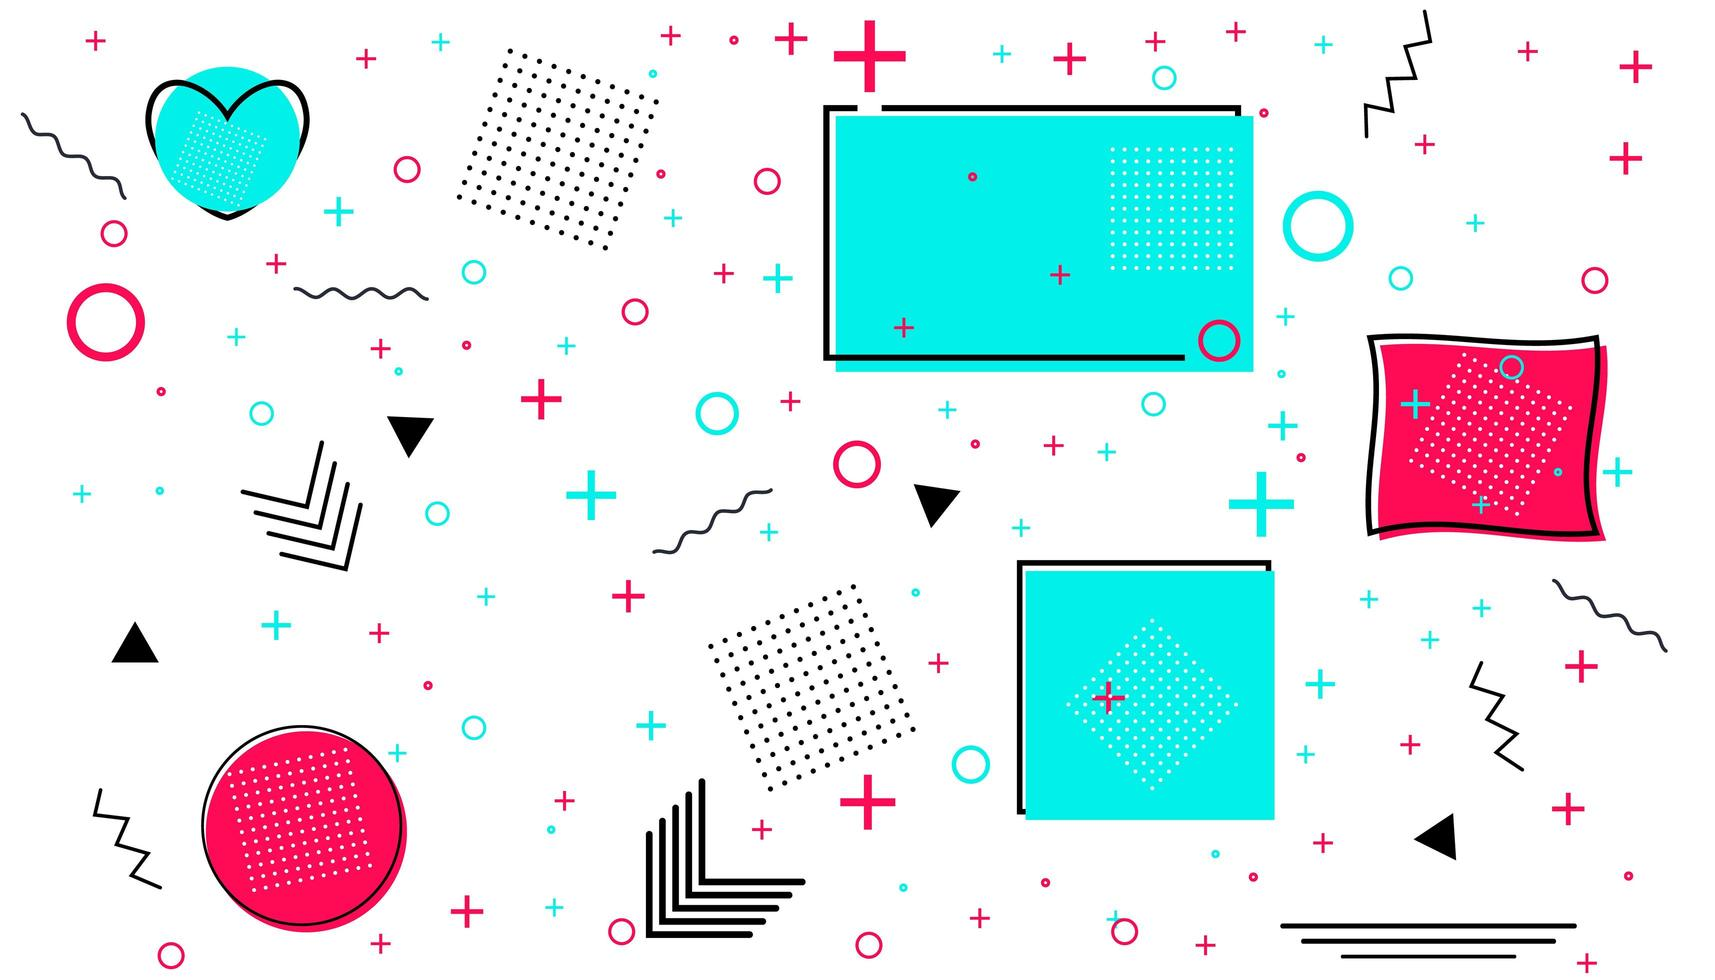 carte memphis avec des formes géométriques. design de mode de luxe - années 80-90. vecteur